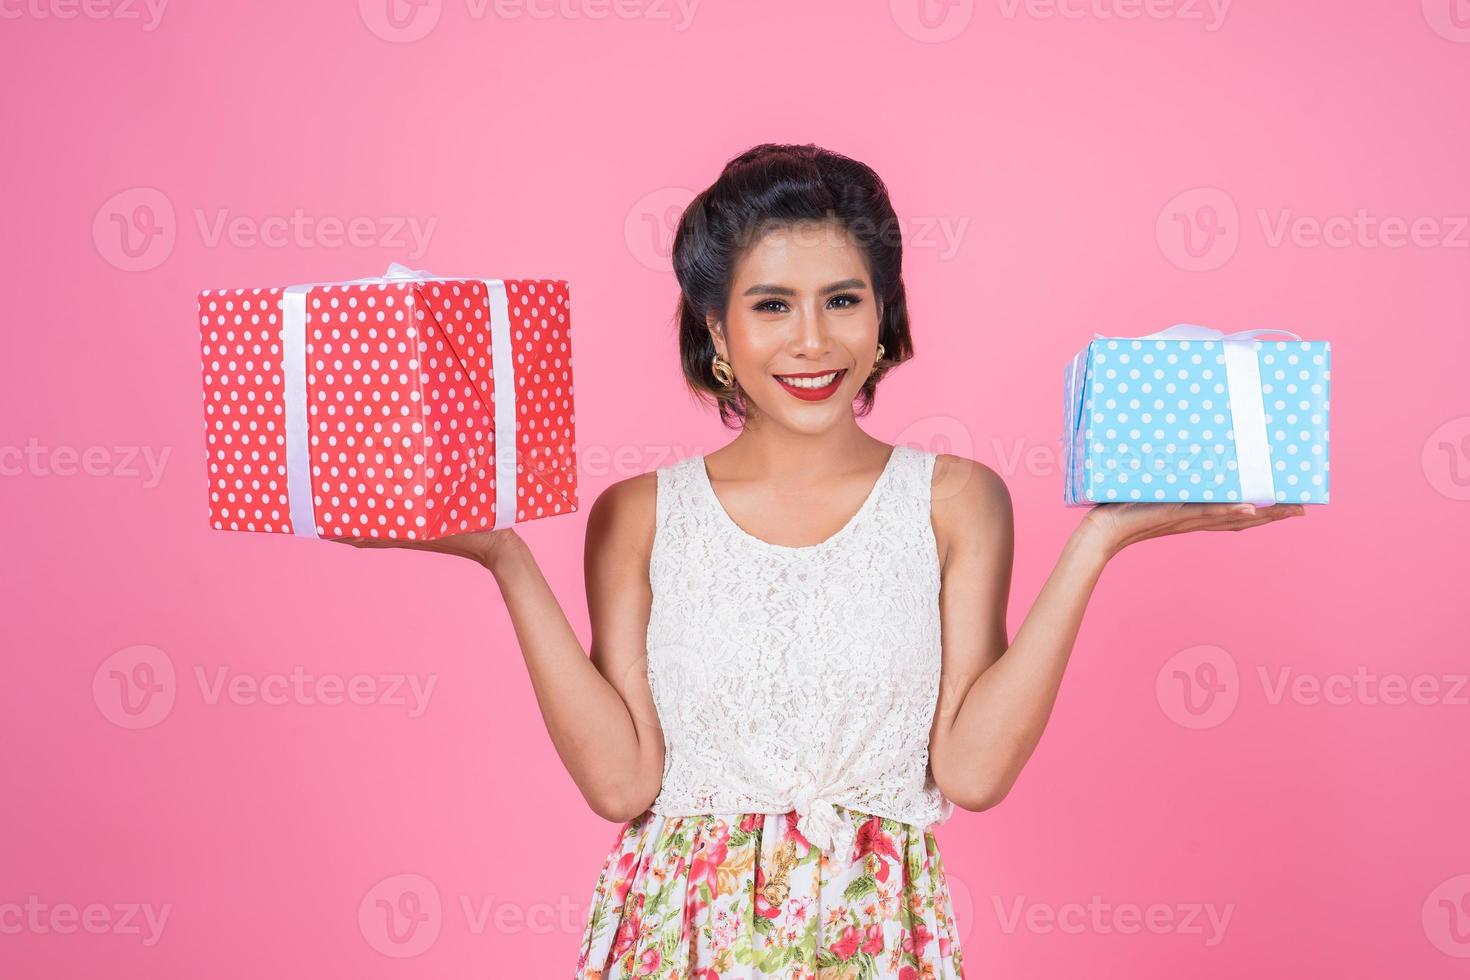 vacker glad kvinna med en överraskning presentask foto